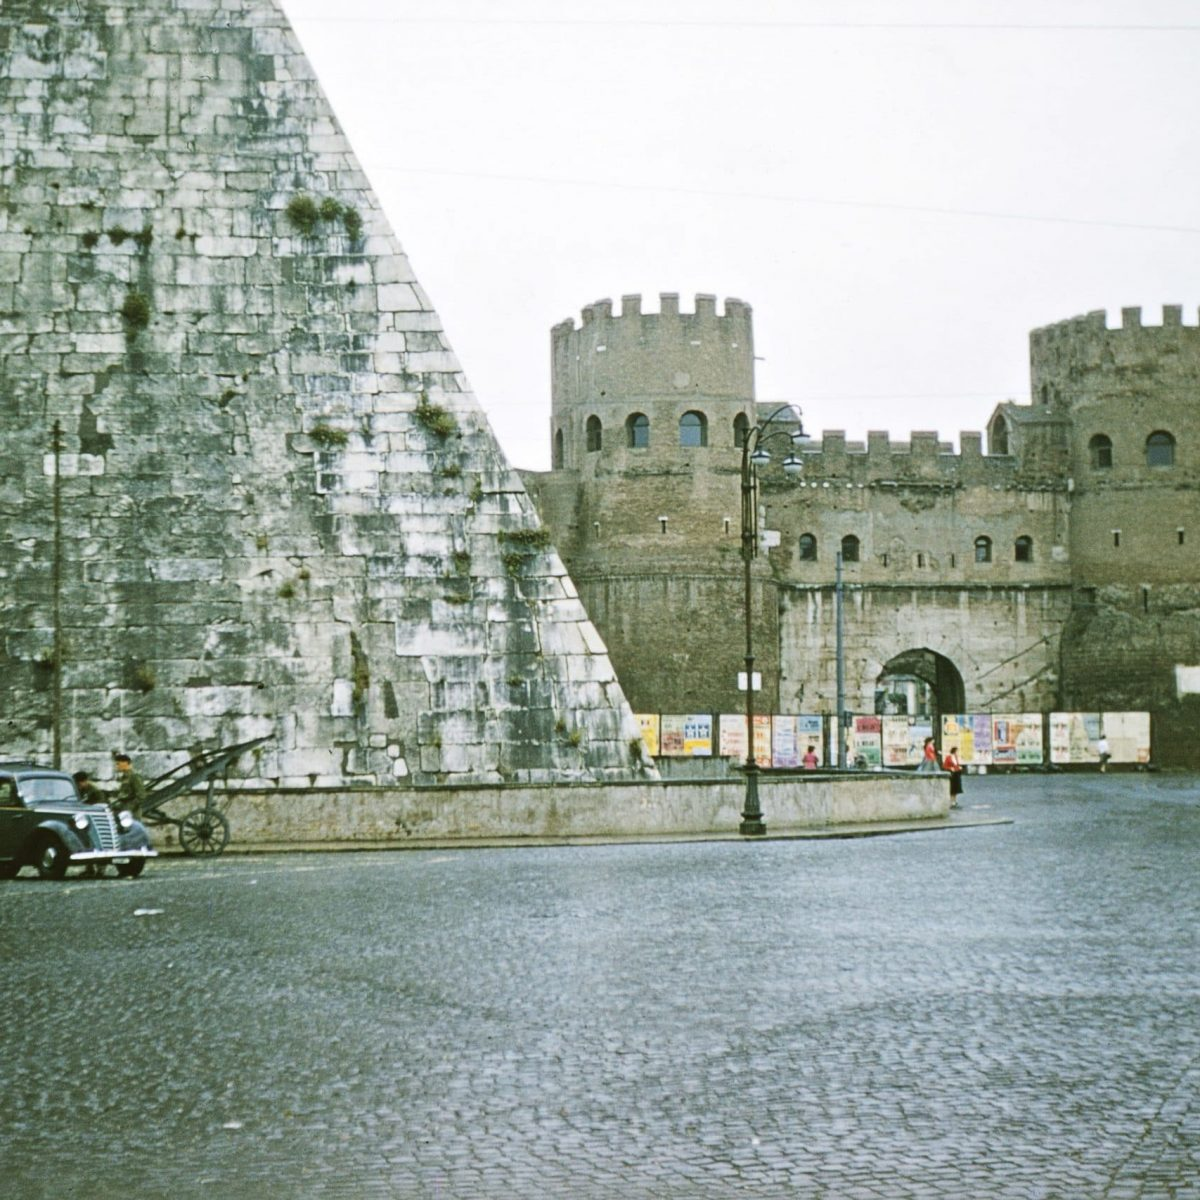 Piazzale Ostiense